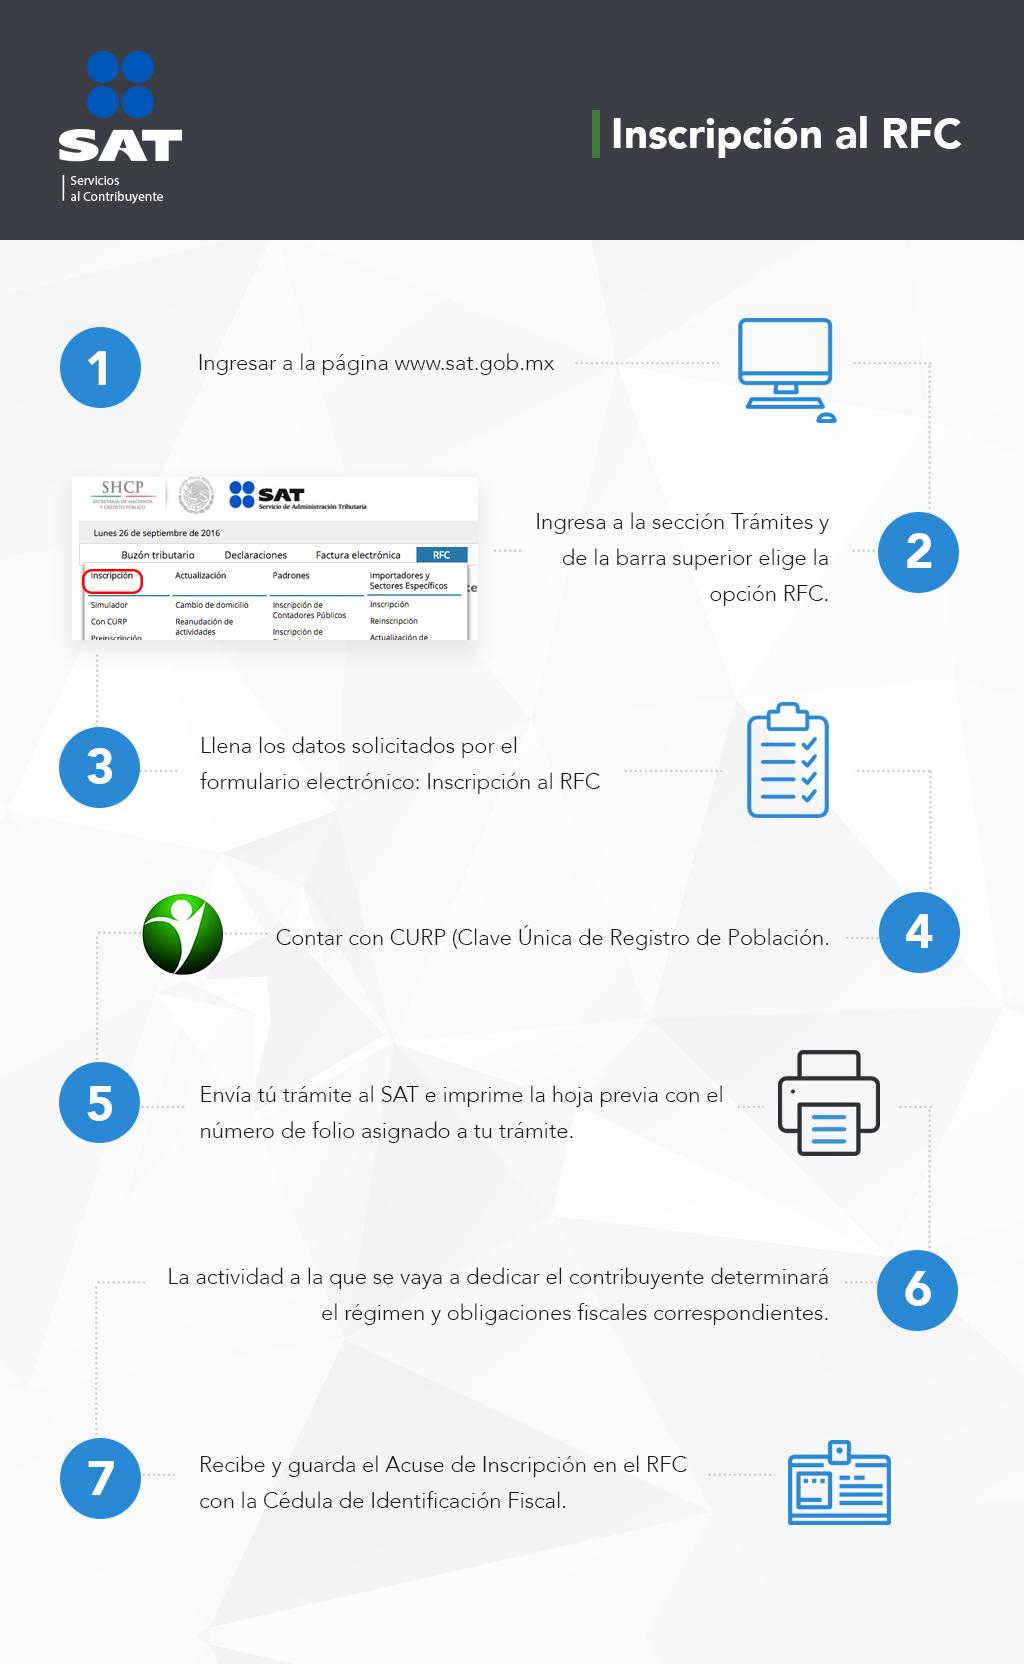 impi_infografia-inscripcion-al-rfc